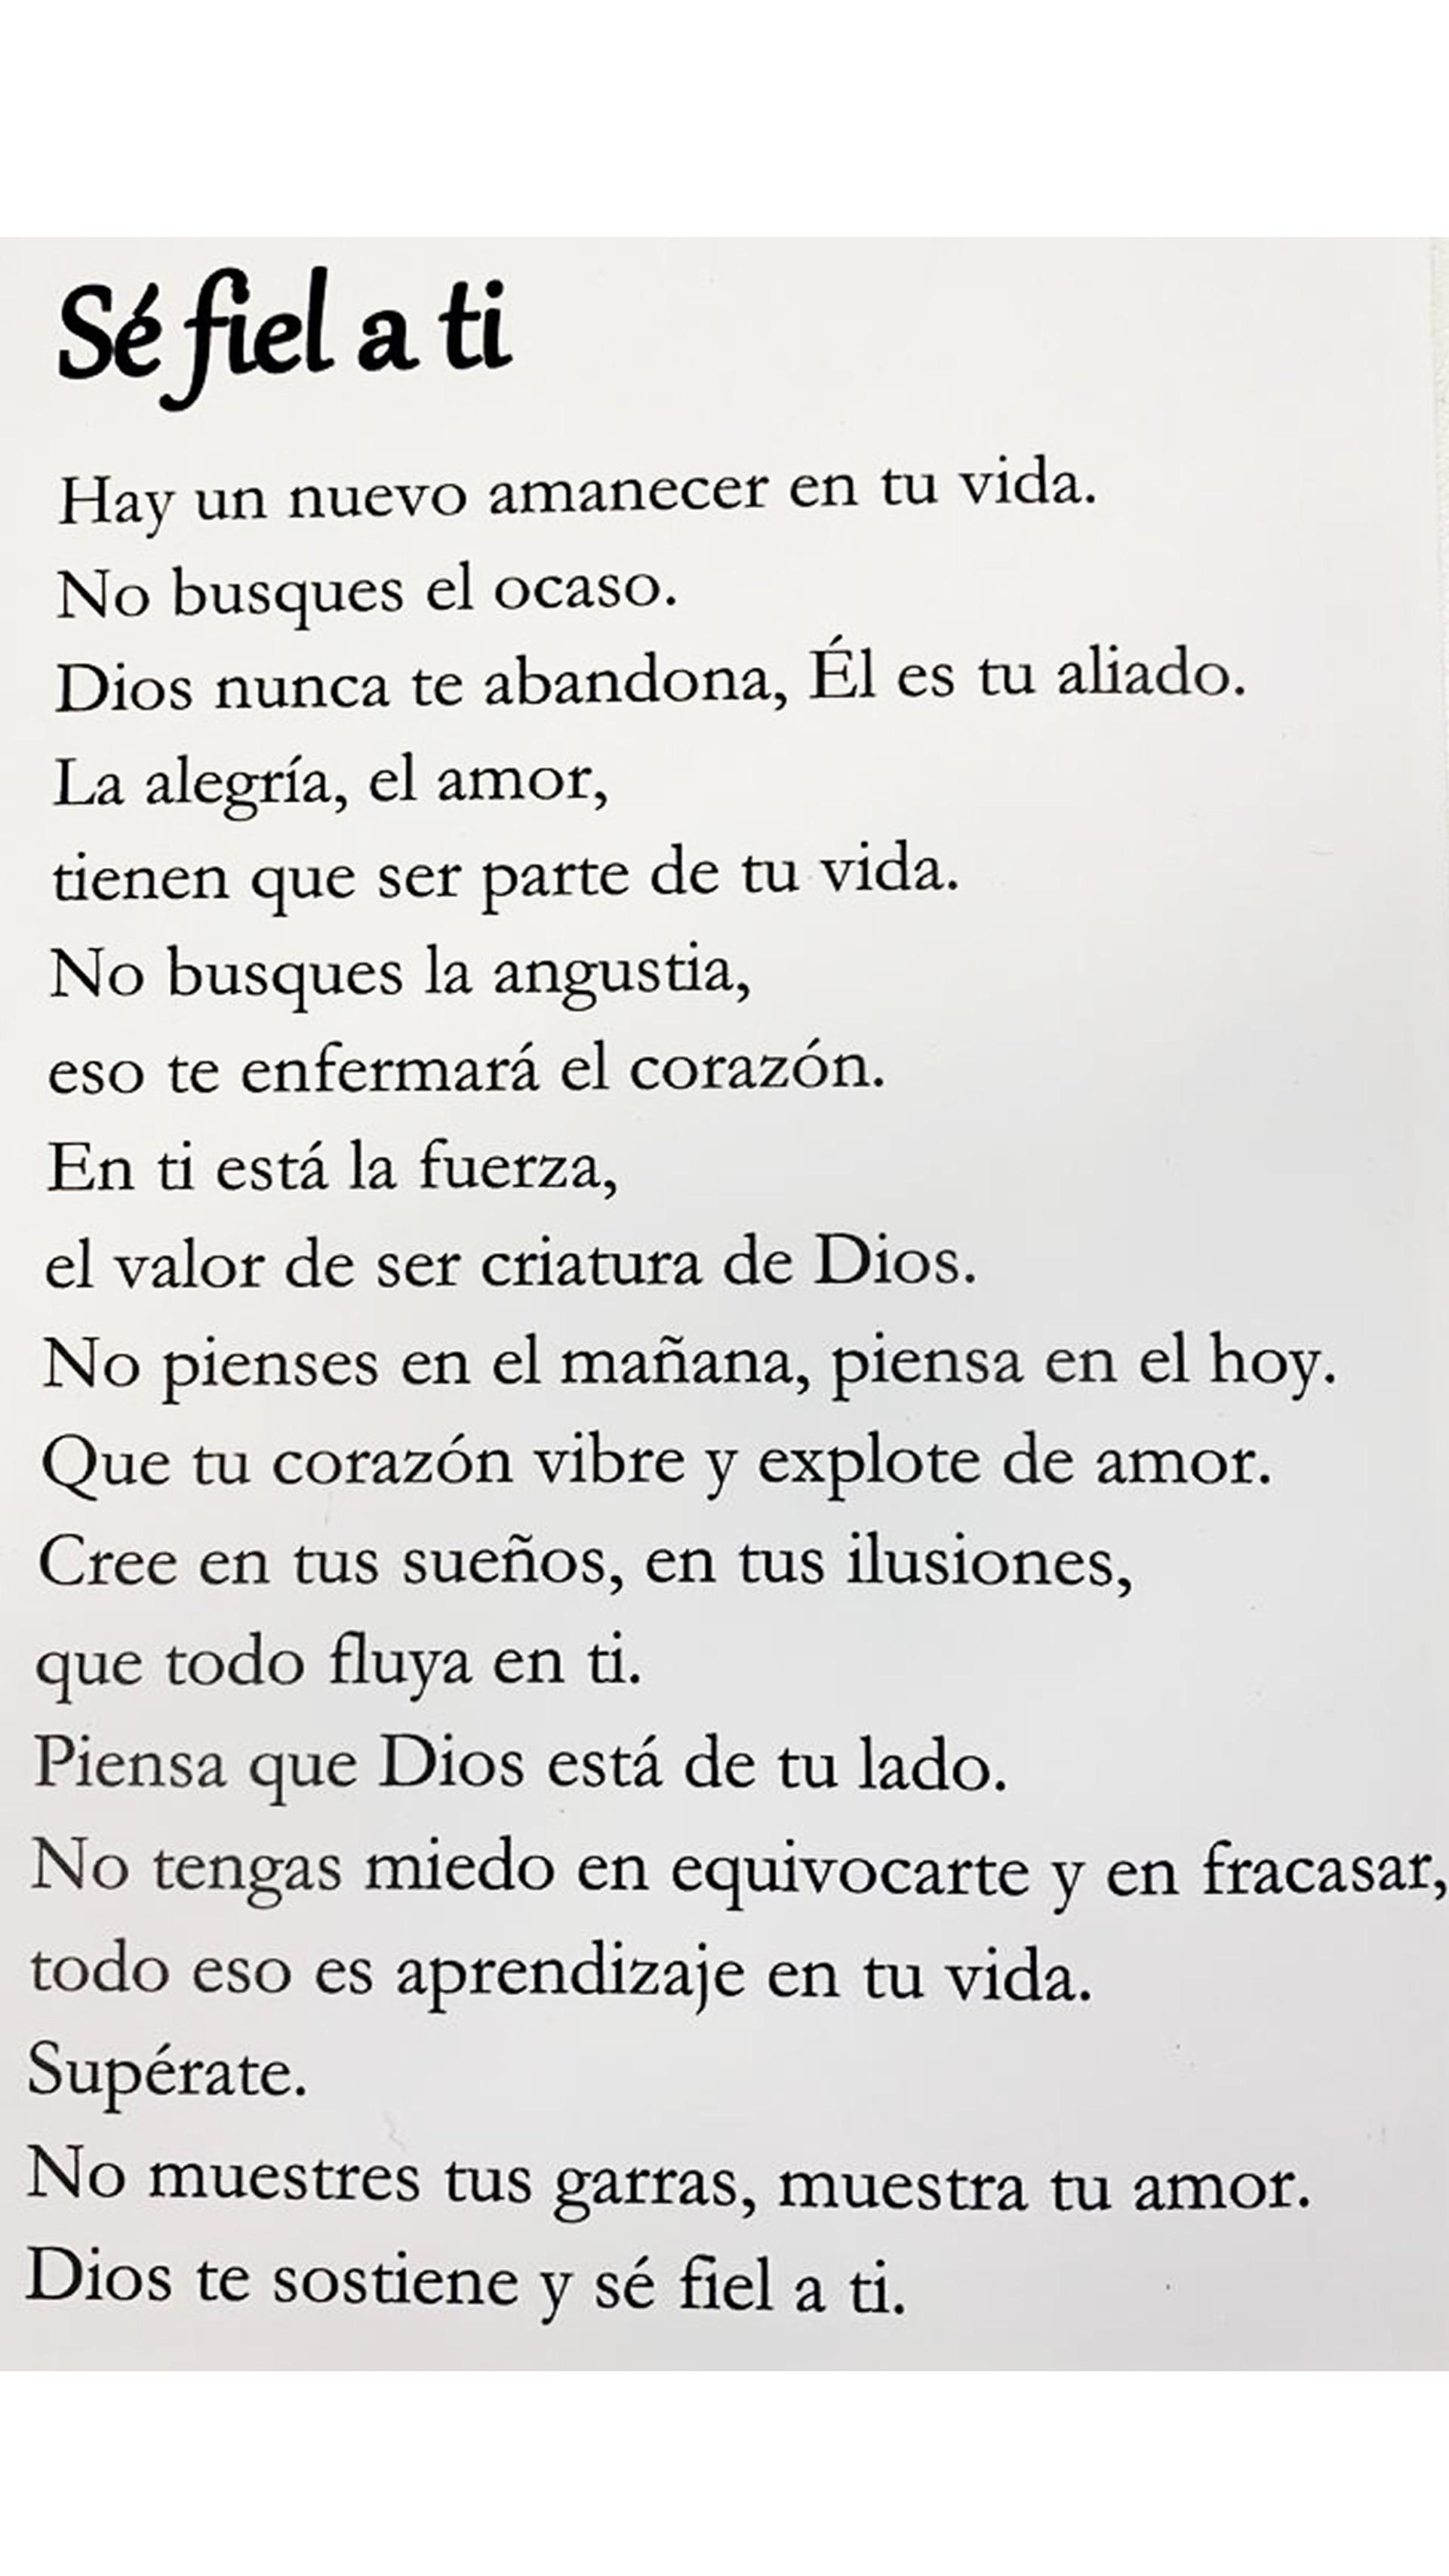 """La primer poesía que escribió Georgie con Jorge Vega se llamo """"Sé fiel a ti"""" y al día de hoy, continúa siendo su favorita."""